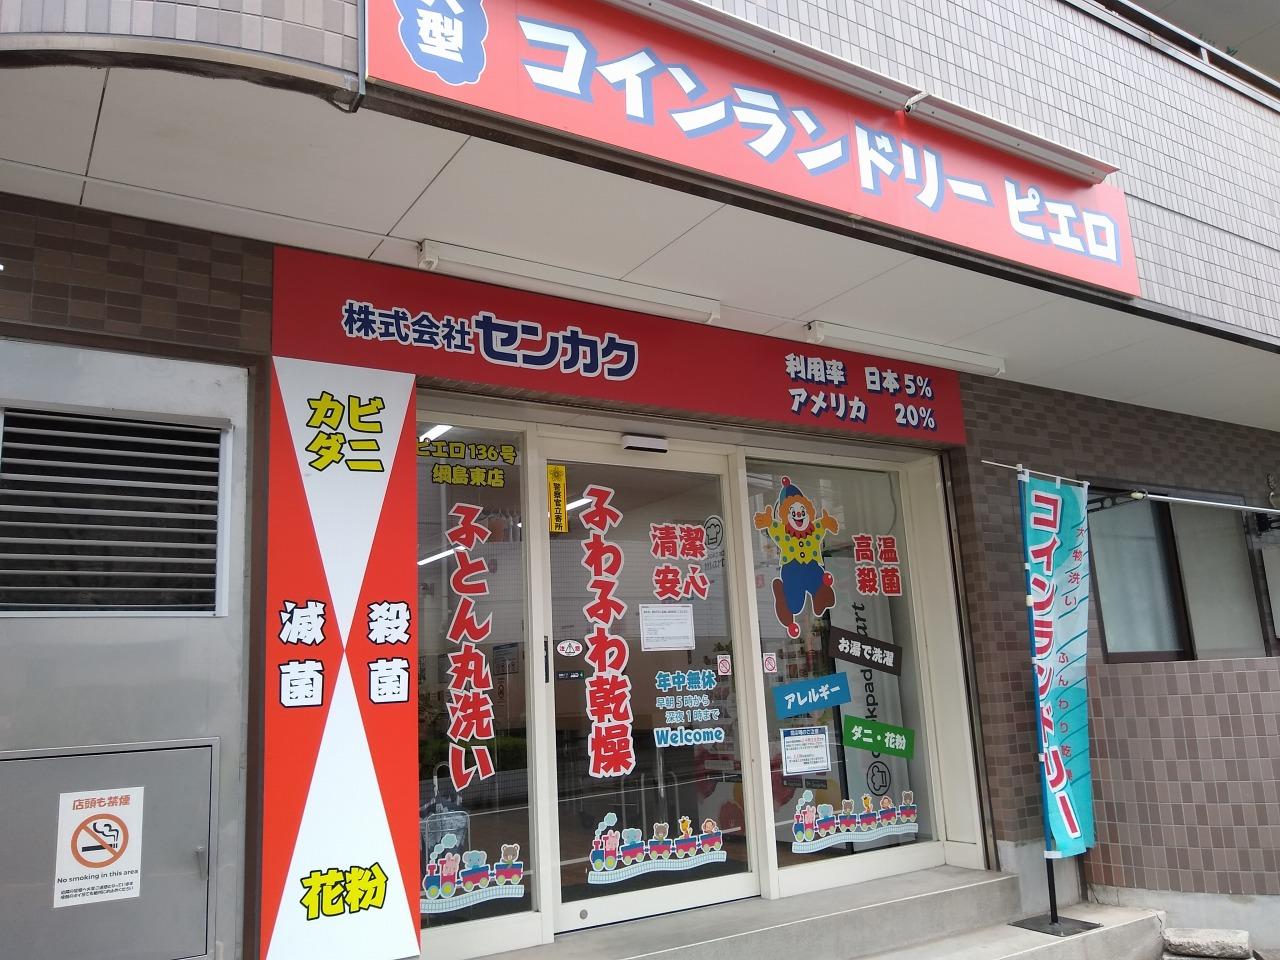 クックパッドマート受け取り場所@横浜綱島